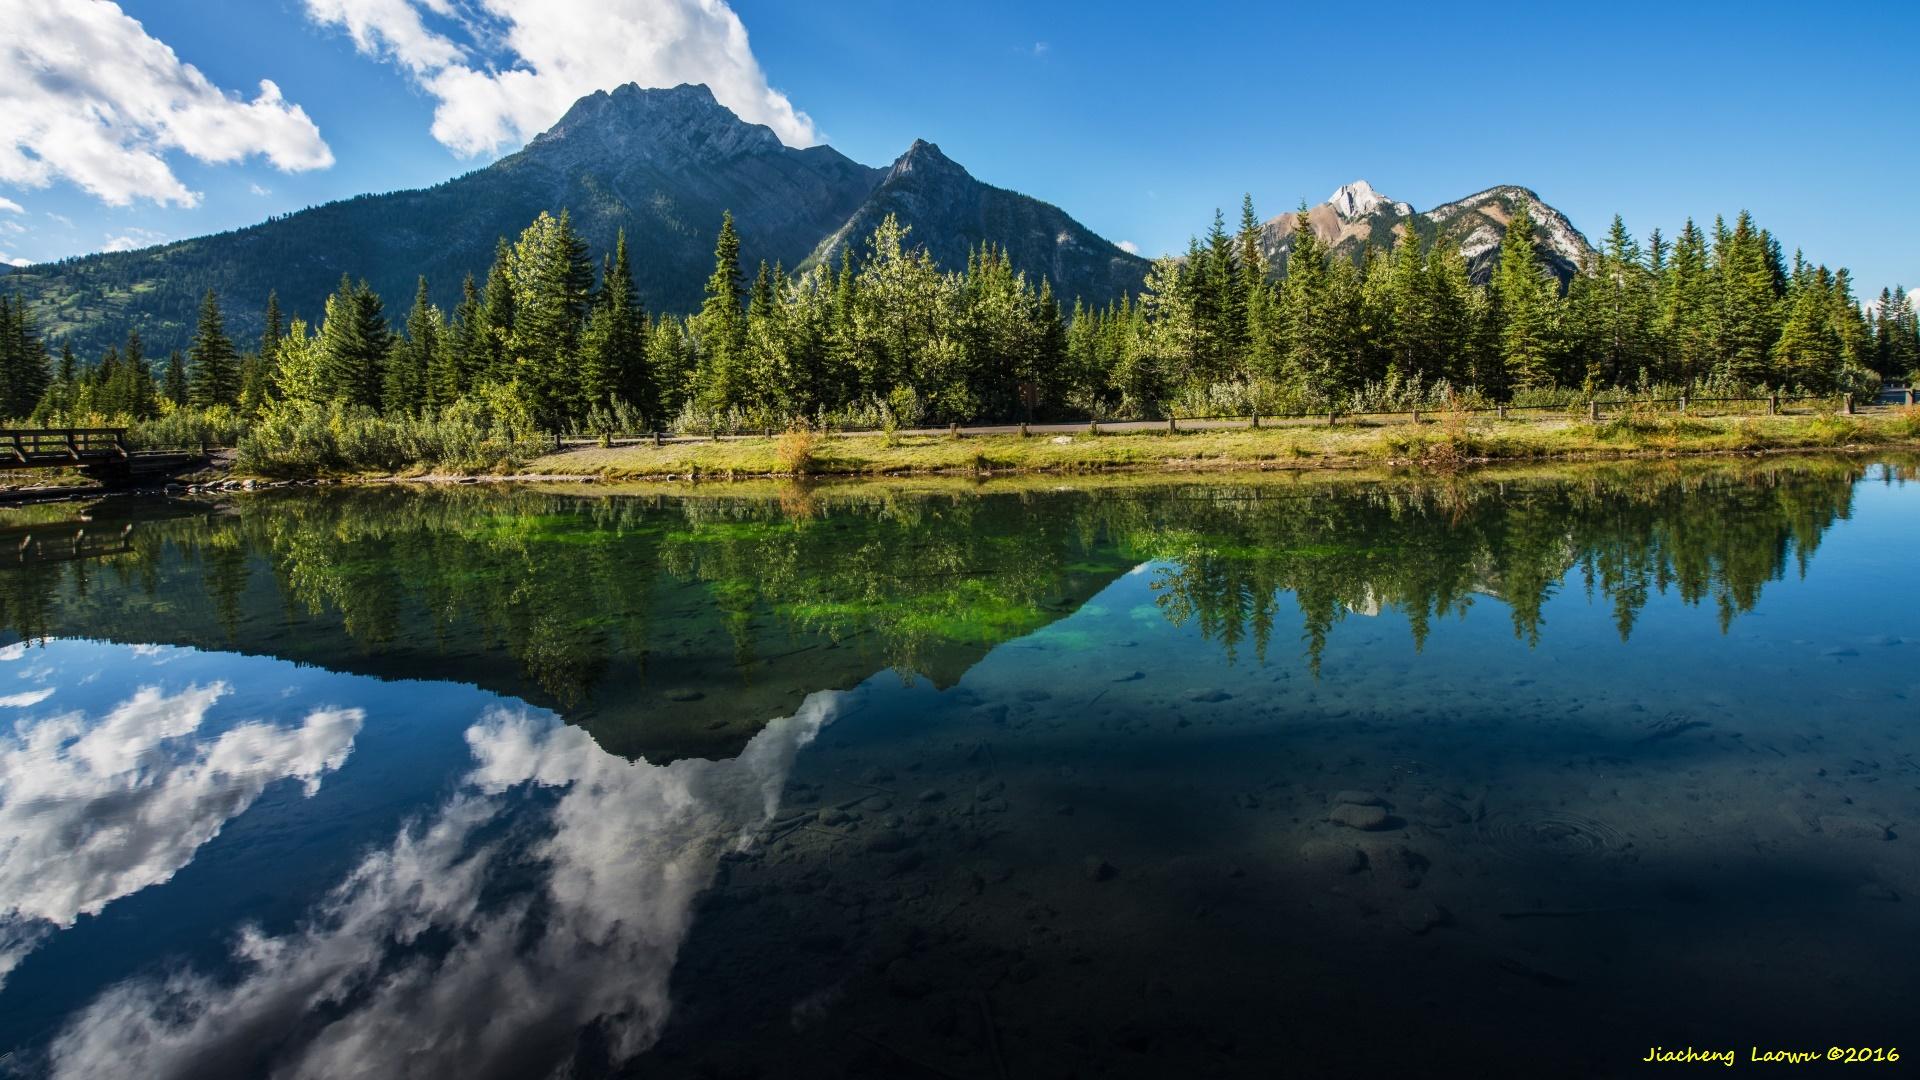 加拿大-美国洛基山之游(8)- 路边的风景